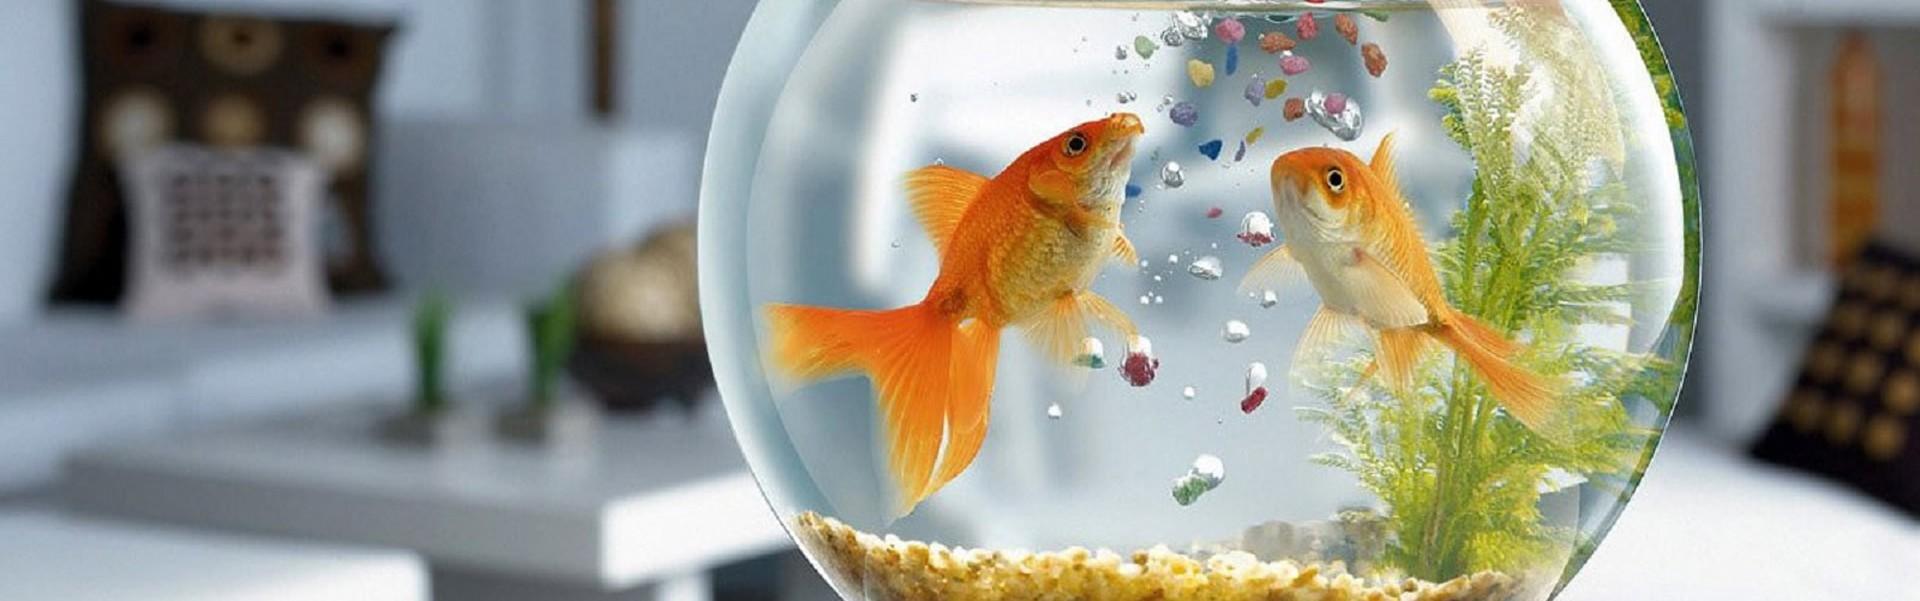 Pierderea intensității culorii la peștii de acvariu